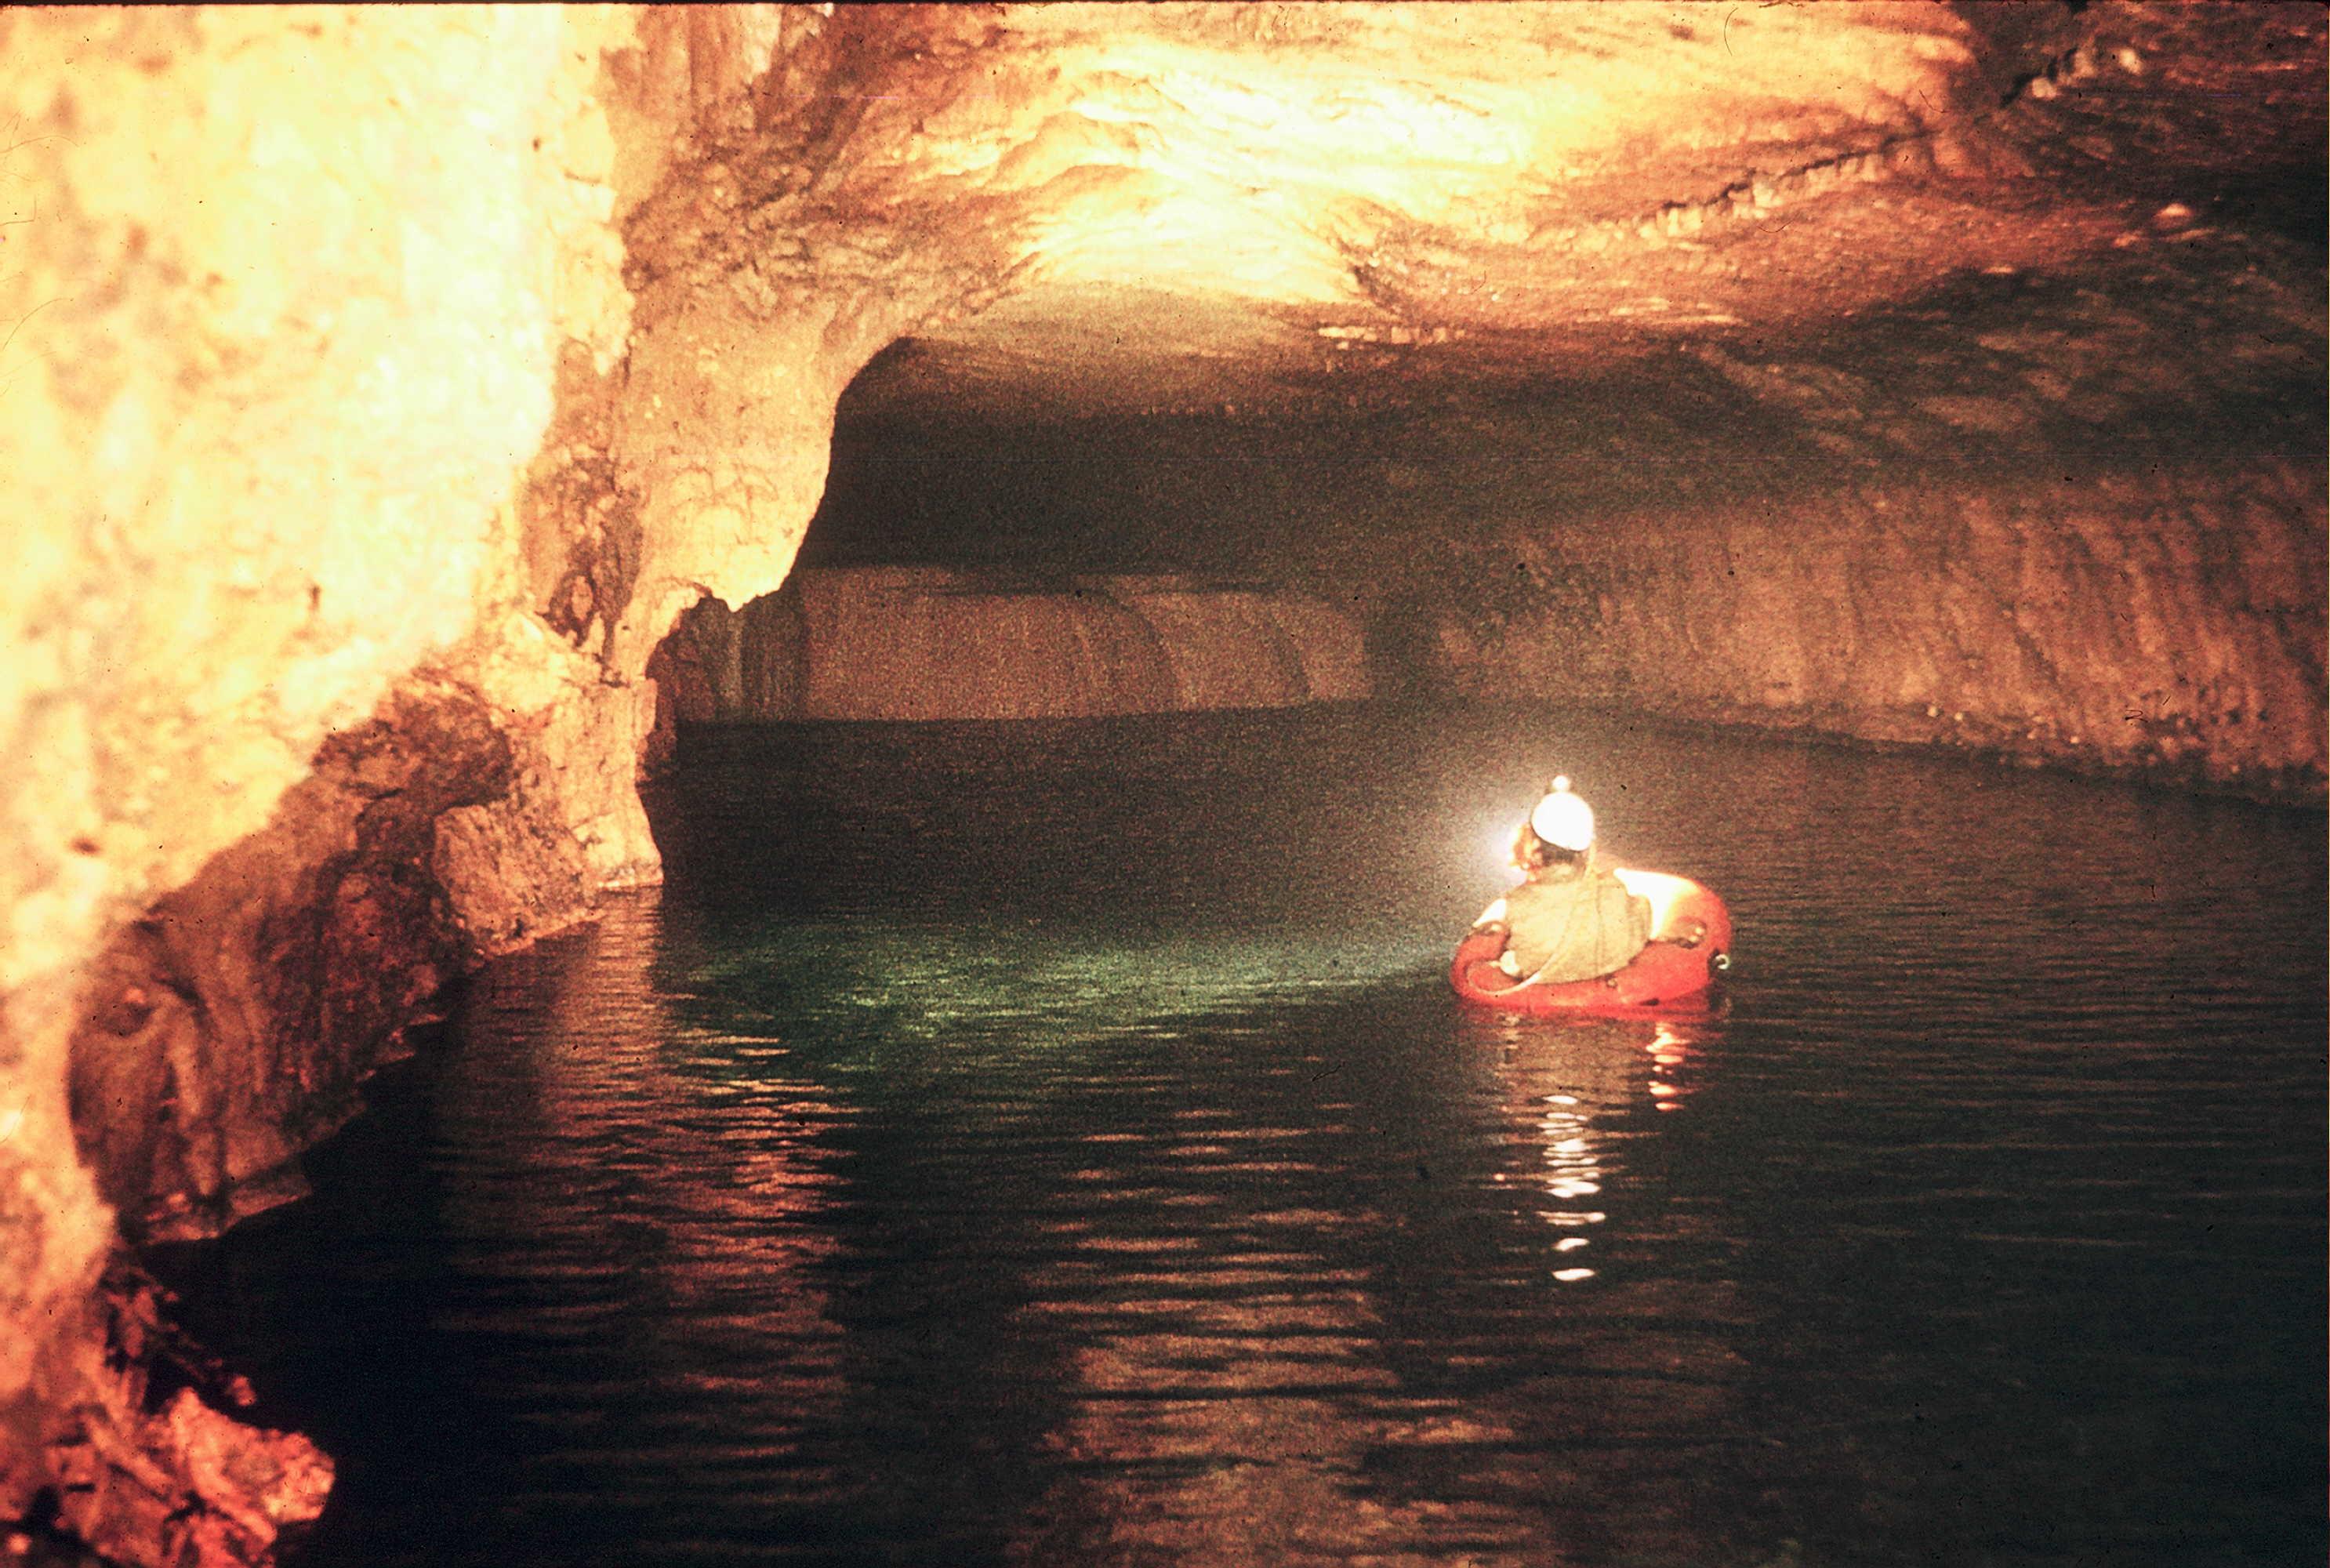 16157-grotte-tafna-1974.jpg